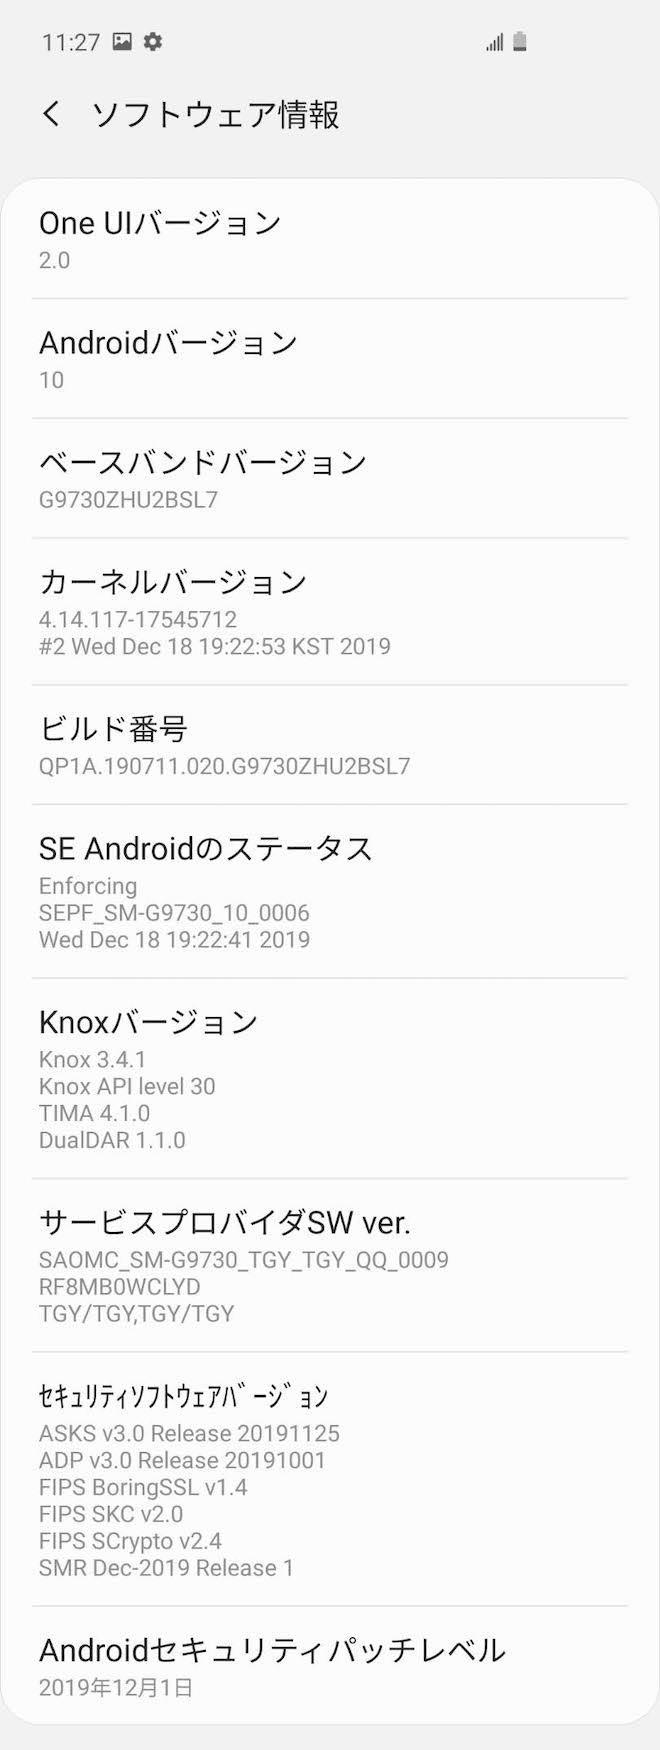 初回アップデートでAndroid 10になったGalaxy S10のソフトウェア情報